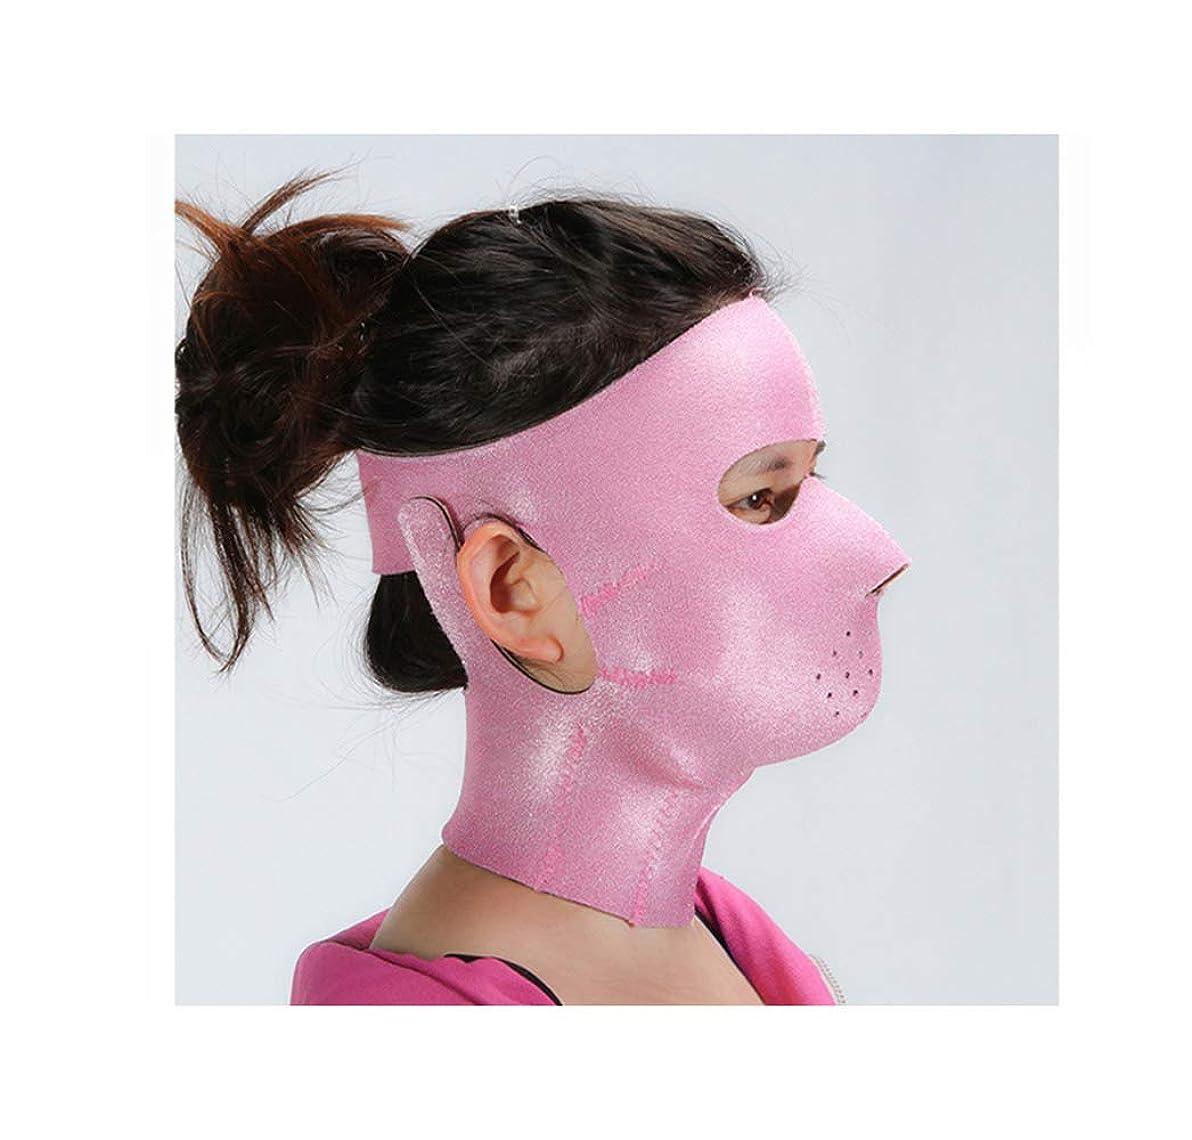 複数リーチ葉巻TLMY 薄い顔マスクマスクプラス薄いマスク引き締めアンチエイジング薄いマスク顔の薄い顔マスクアーティファクト美容ネックバンド 顔用整形マスク